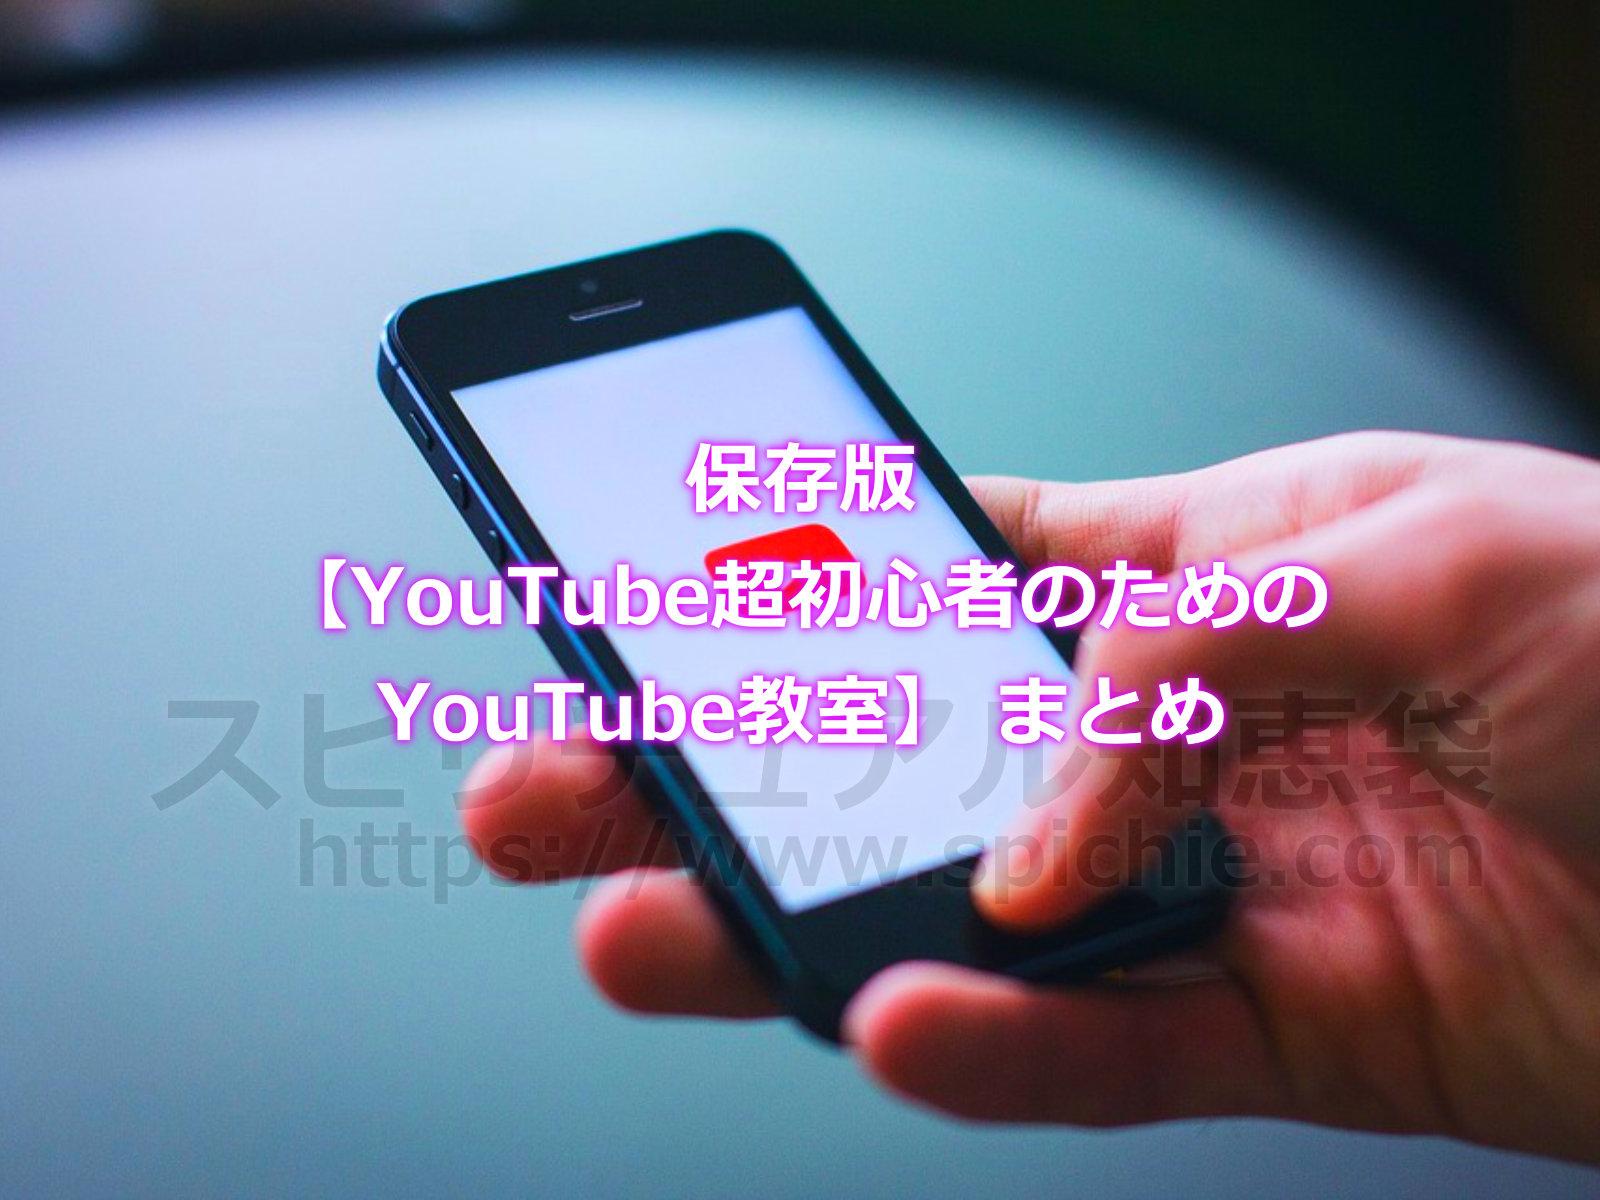 保存版【YouTube超初心者のためのYouTube教室】まとめのアイキャッチ画像